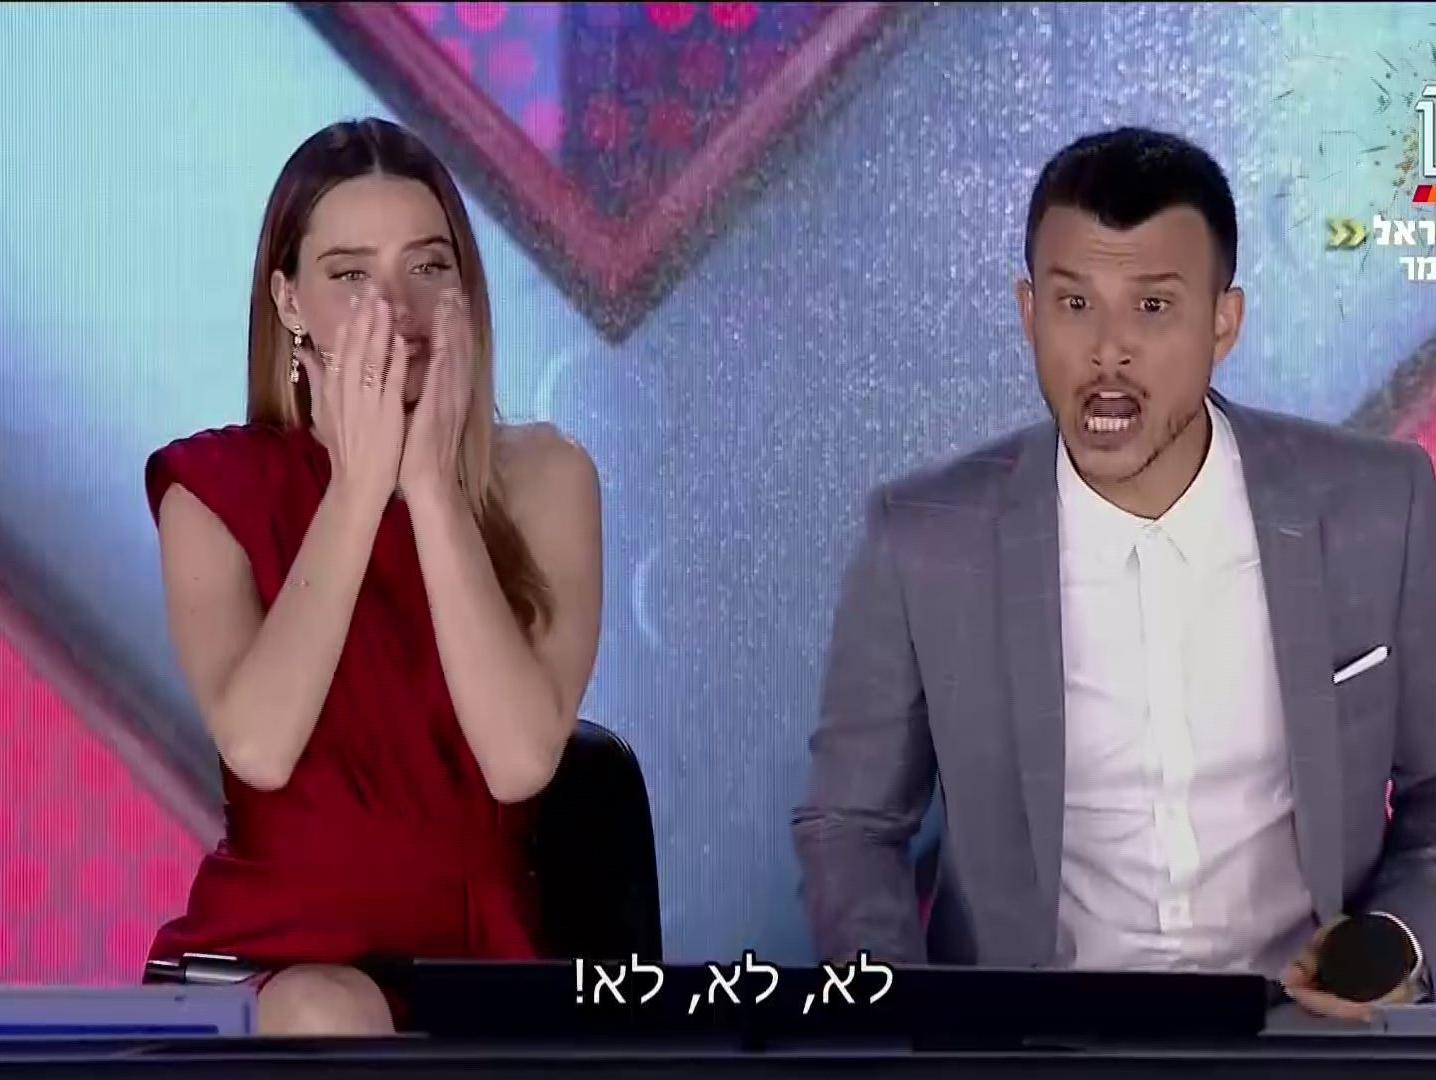 נינג'ה ישראל היא הגרסה המזוקקת של תיאטרון הסחת הדעת הטלוויזיוני